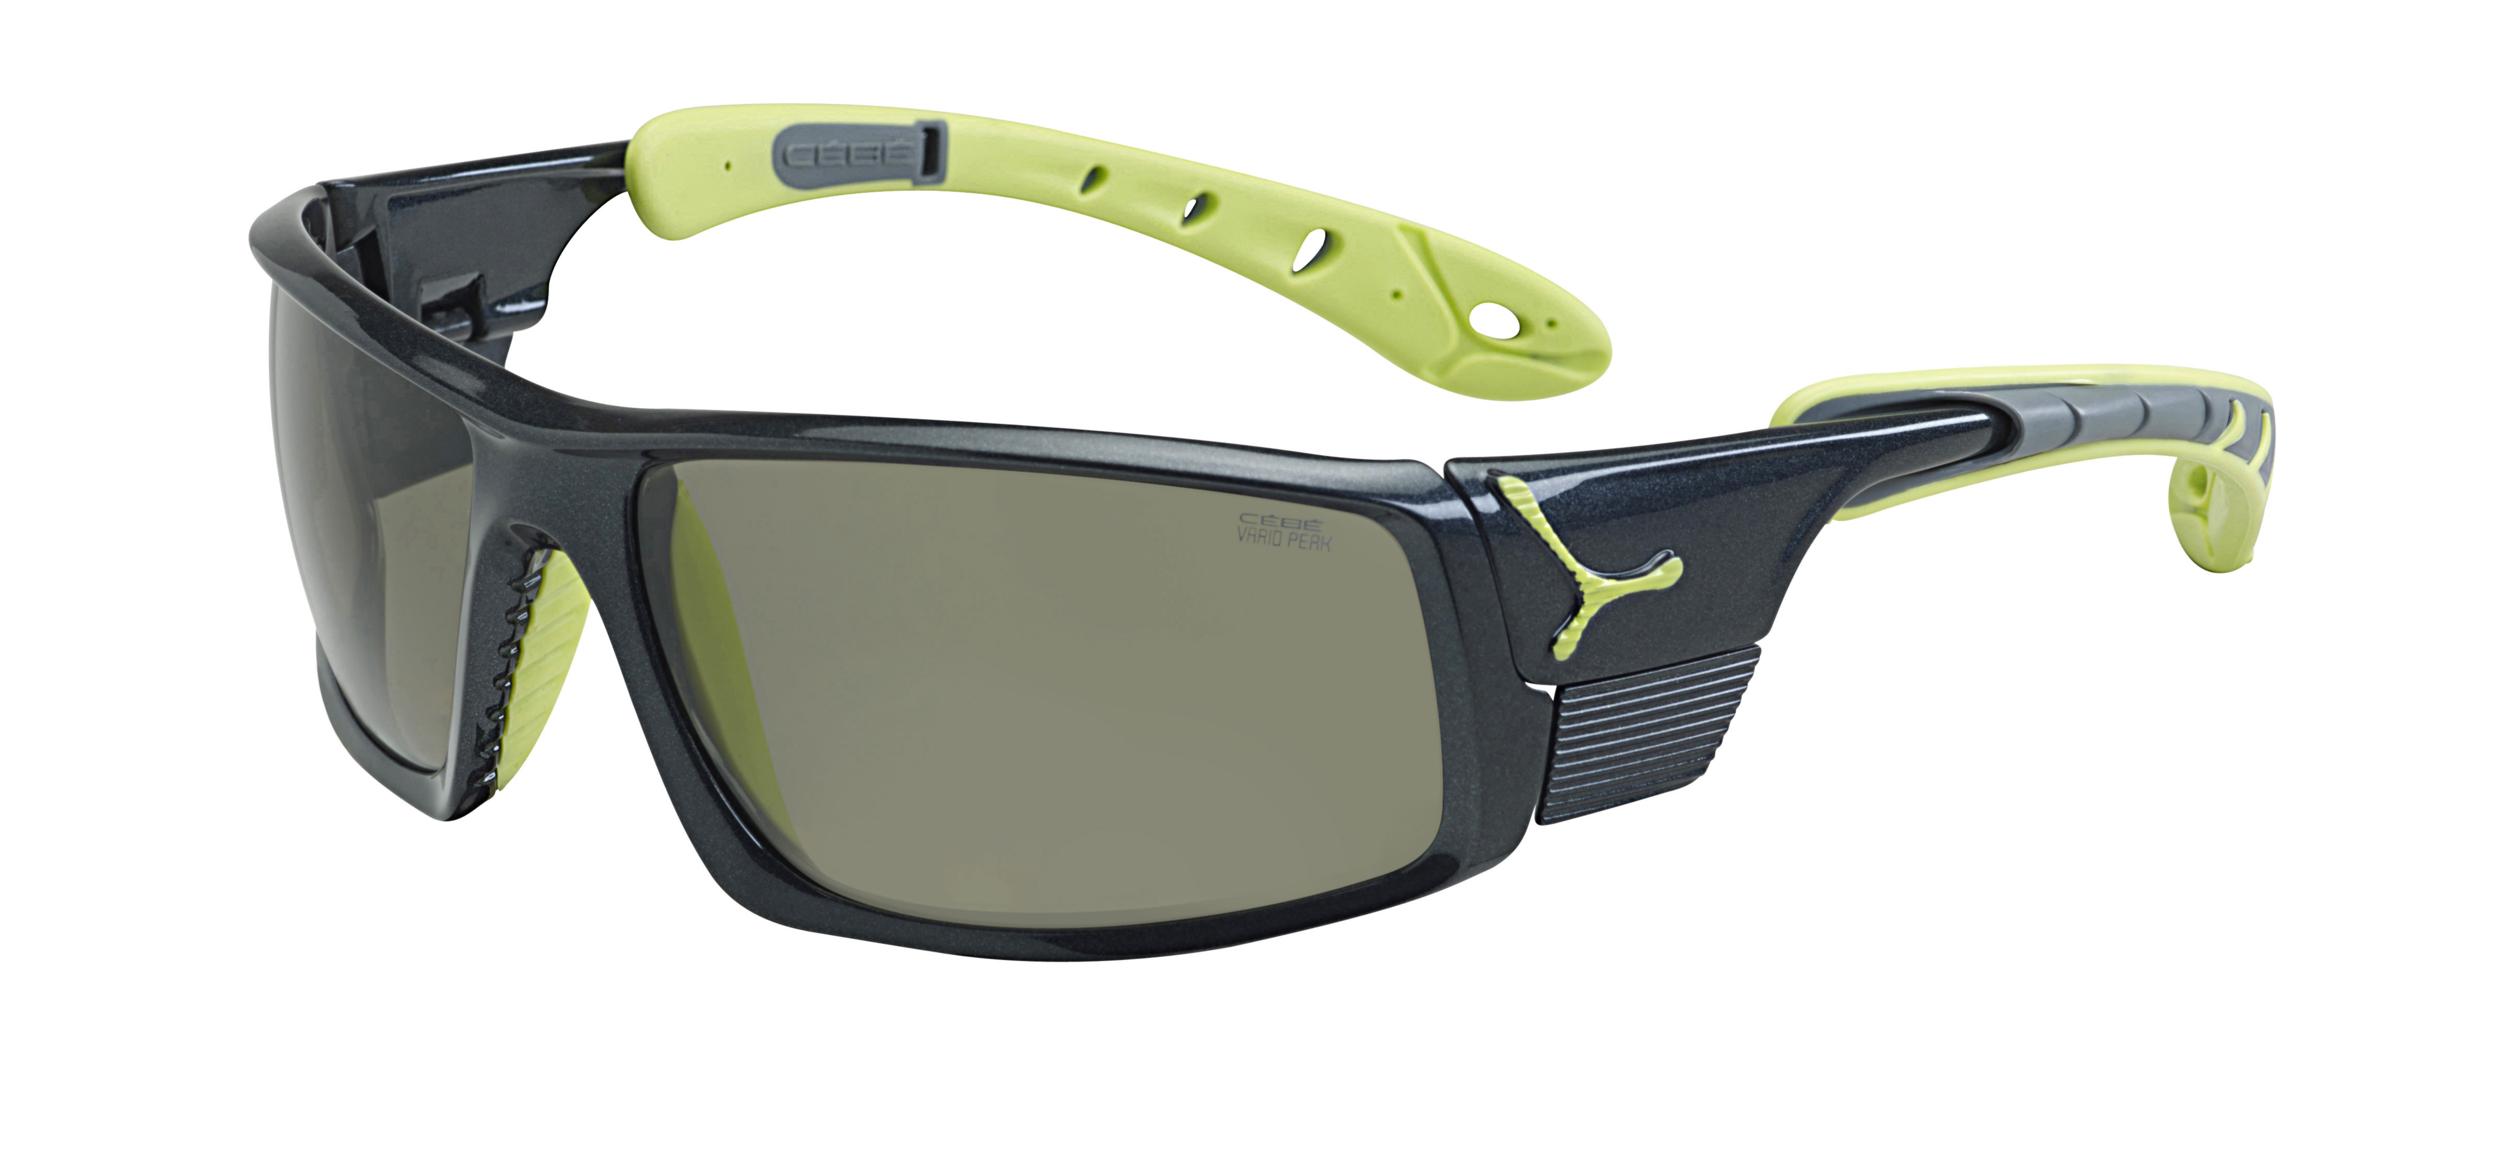 lunettes de soleil de montagne cebe ice 8000 photochromique. Black Bedroom Furniture Sets. Home Design Ideas